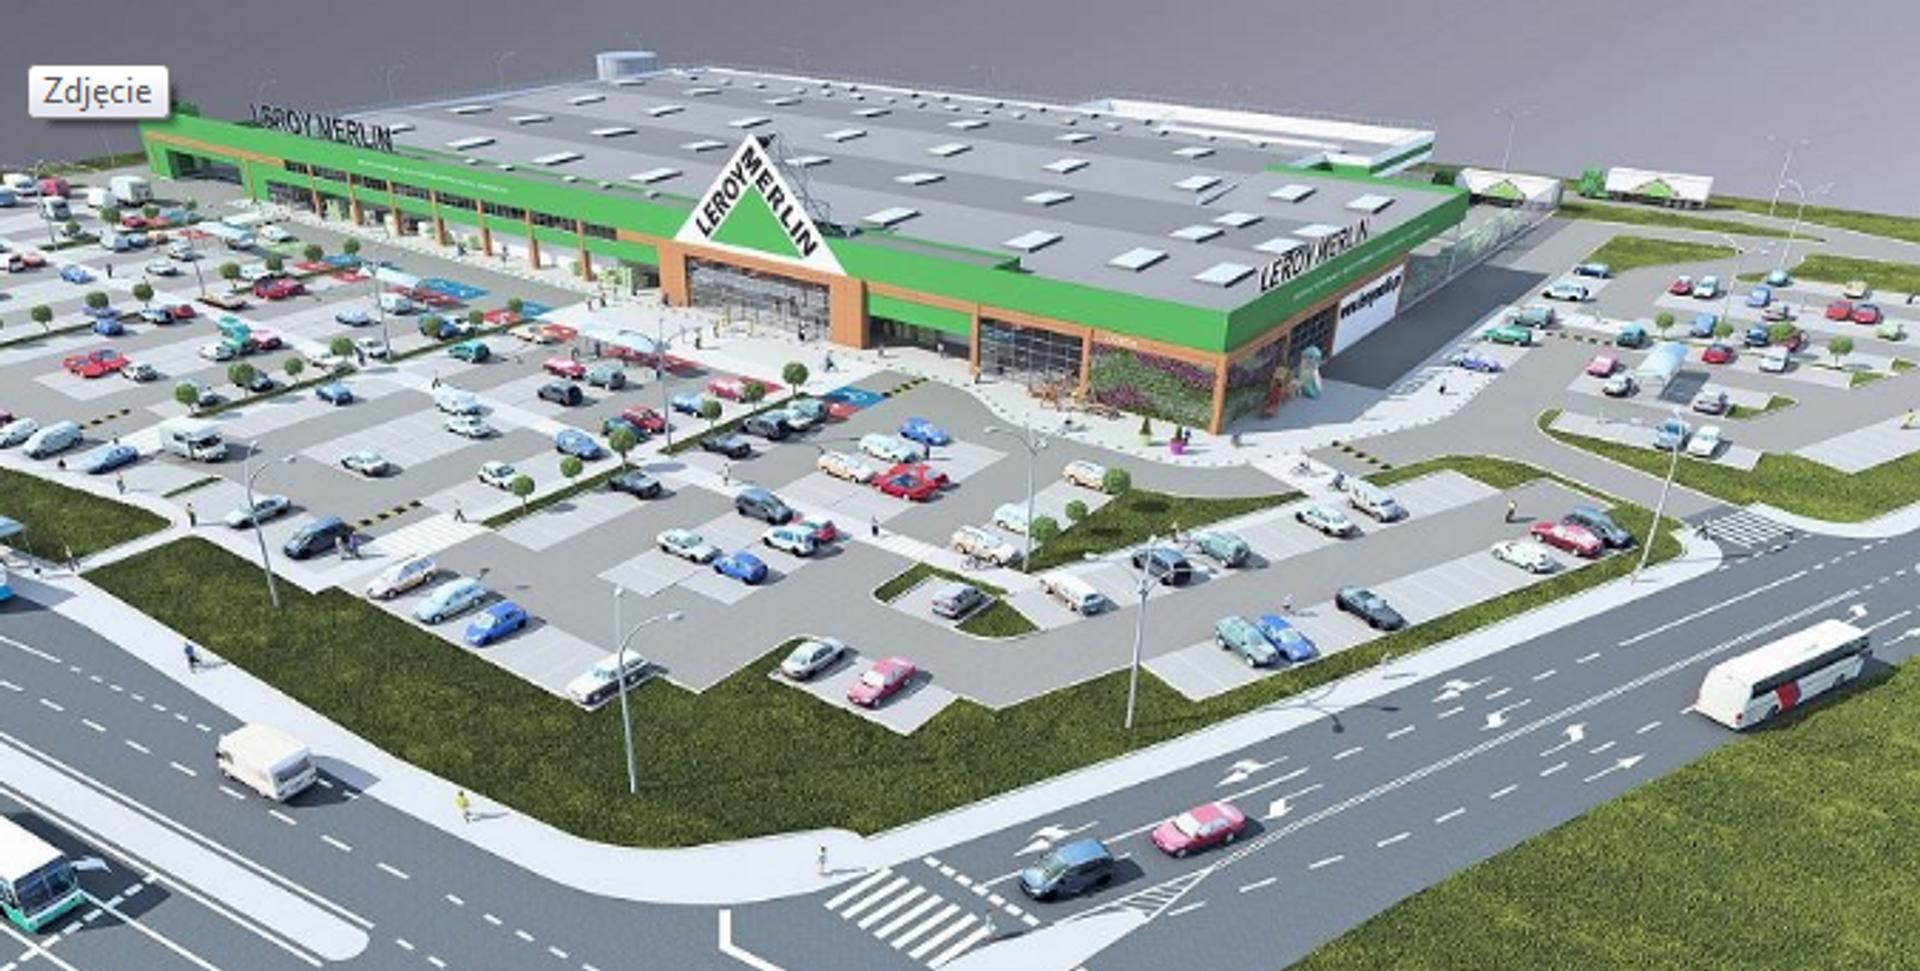 [Aglomeracja Wrocławska] Znamy datę otwarcia gigamarketu Leroy Merlin w podwrocławskim Mirkowie